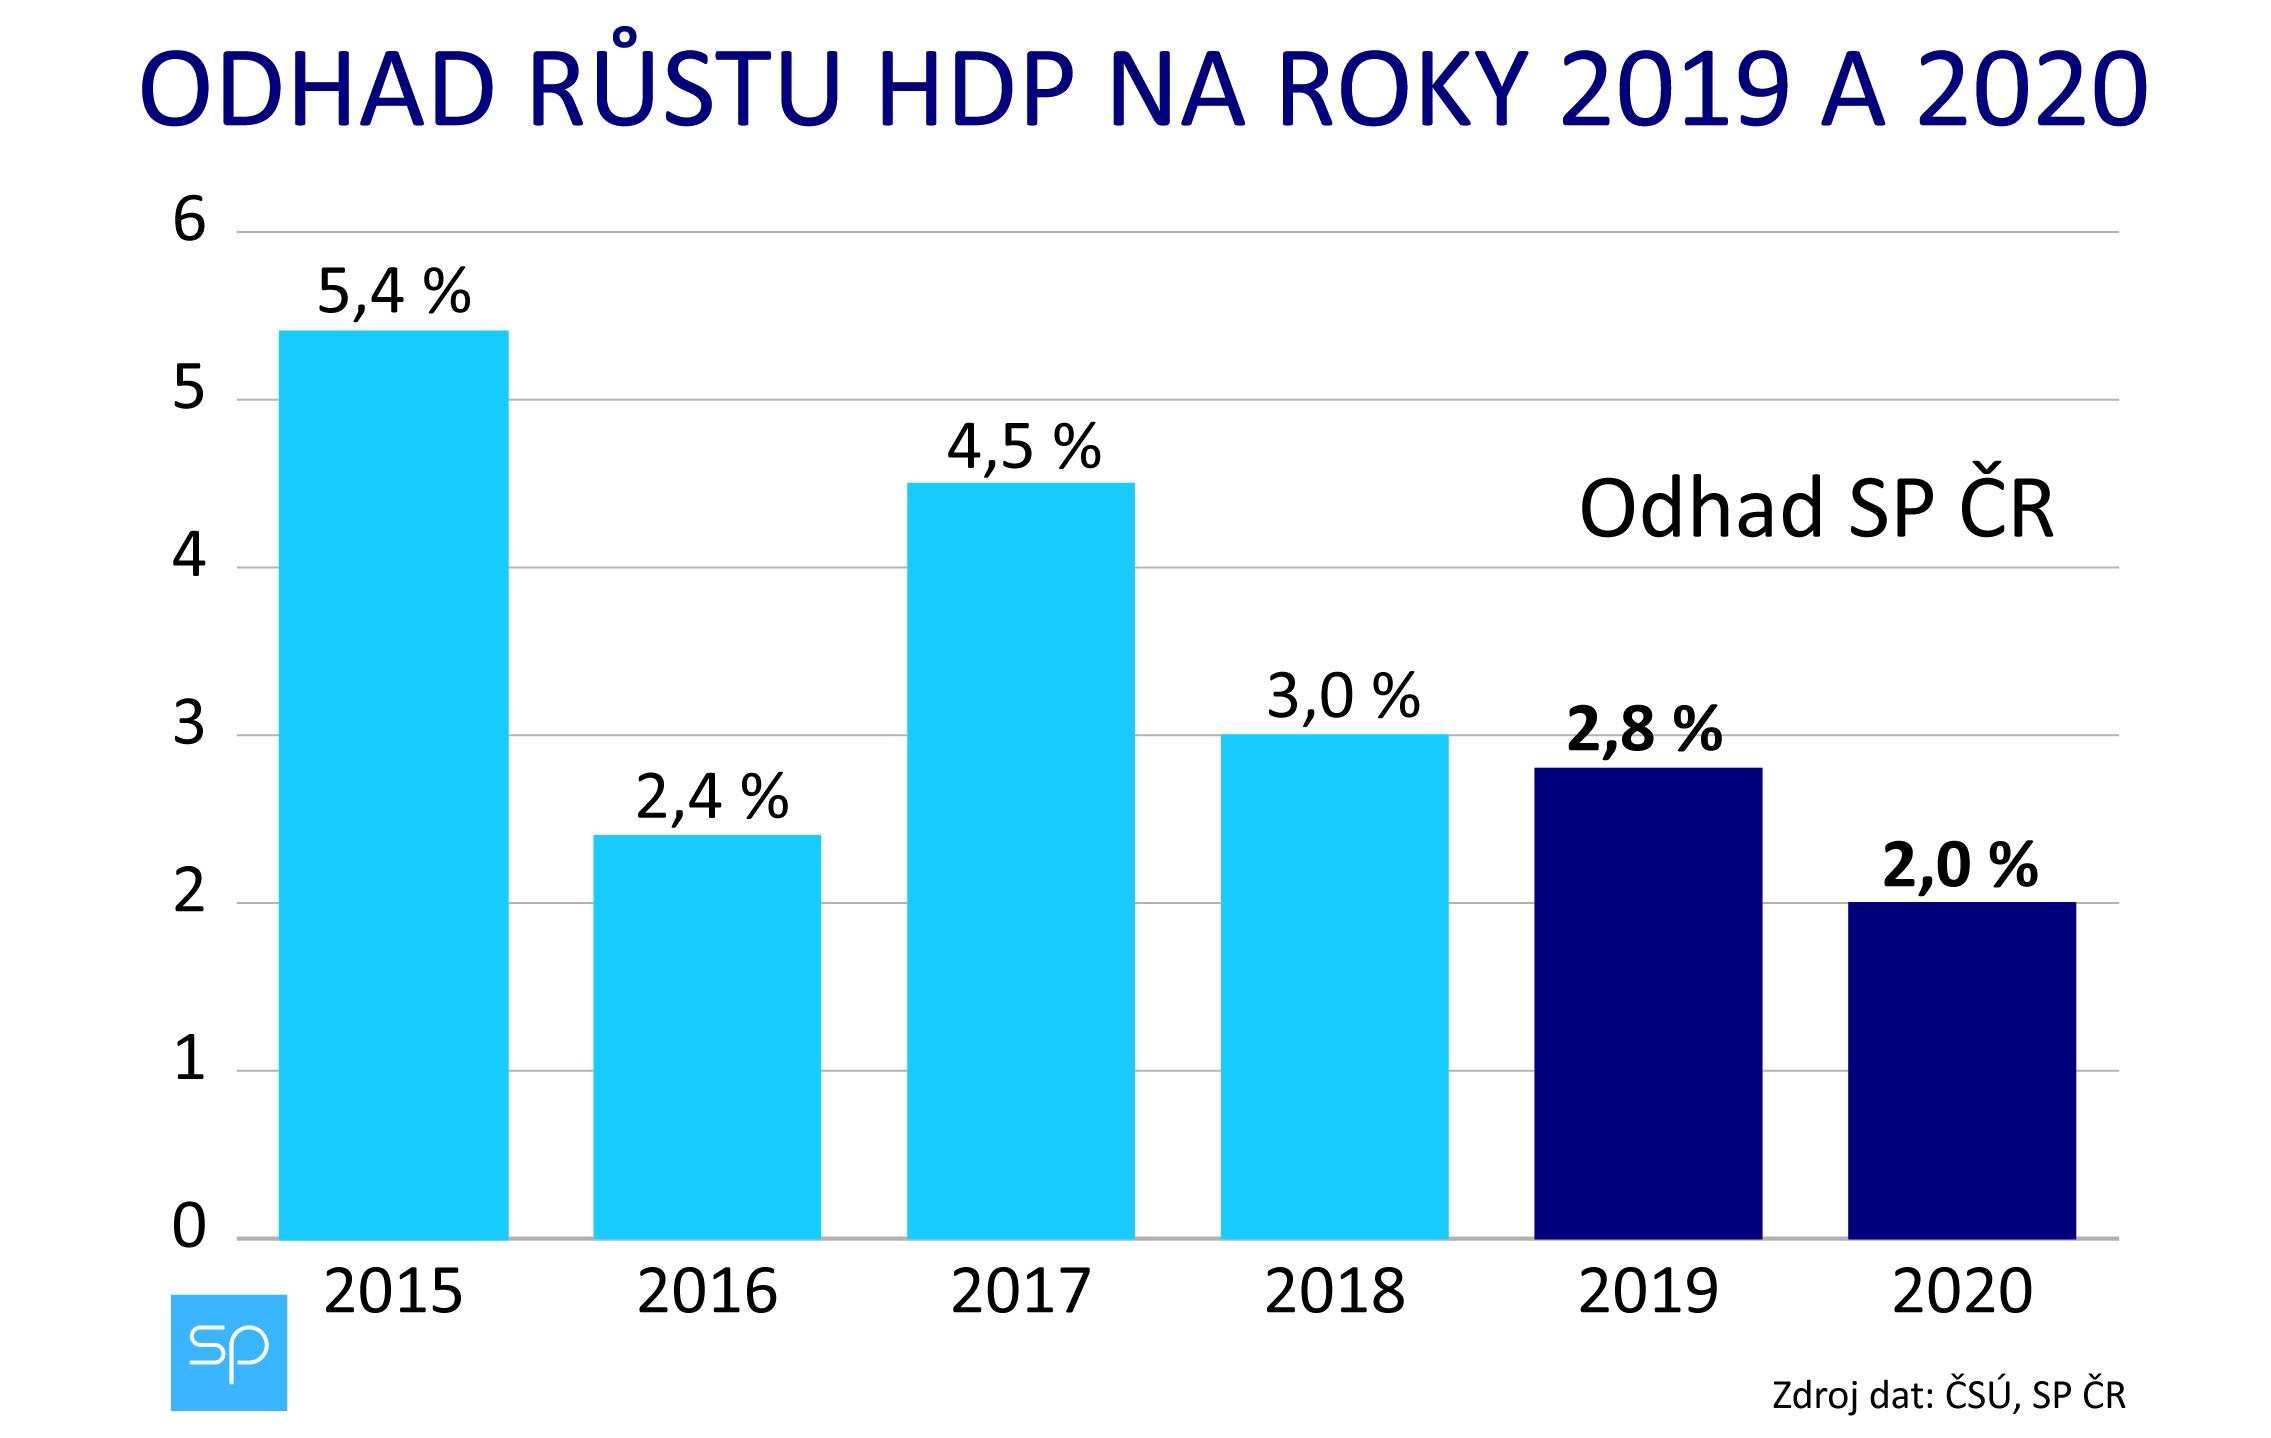 odhad hdp 2019-2020-01